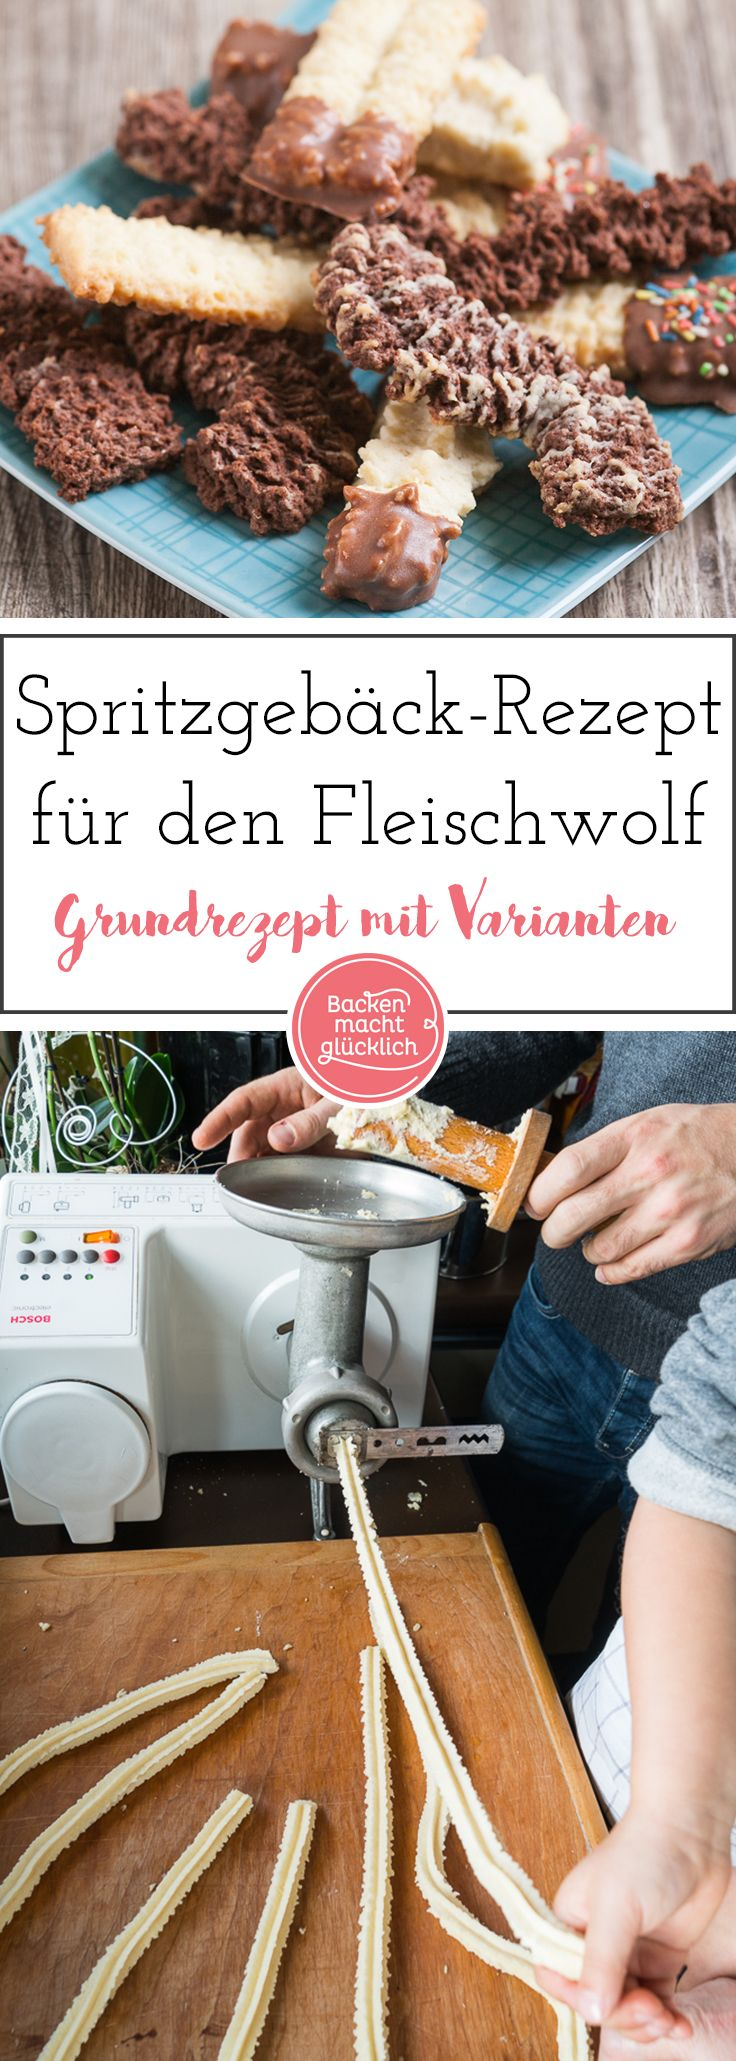 Unser bestes Spritzgebäck-Rezept. Das Spritzgebäck wird am einfachsten im Fleischwolf gemacht. So werden die typischen Spritzgebäck-Kringel besonders schön.